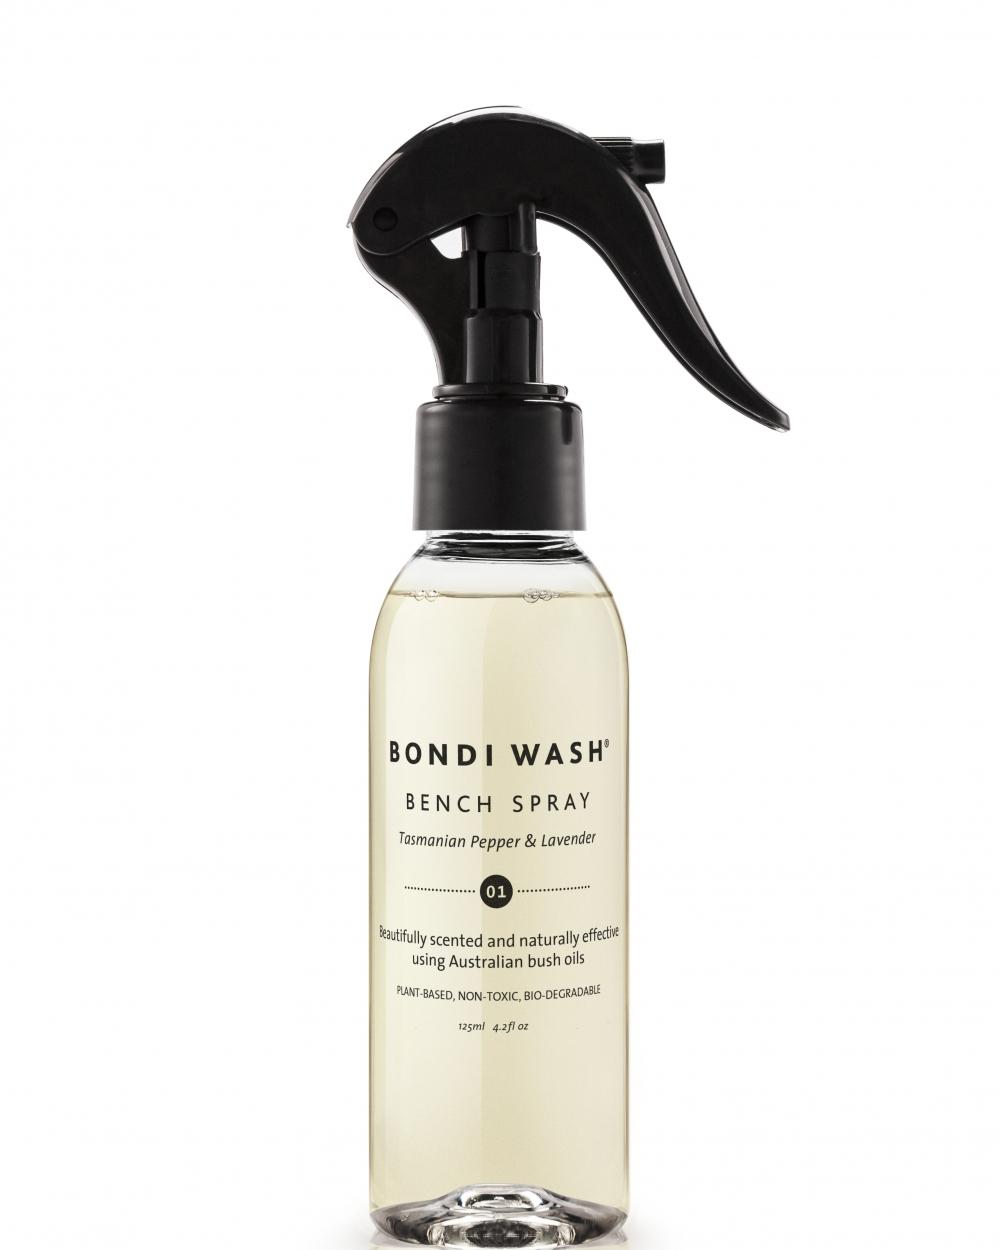 Bondi Wash bench spray - small